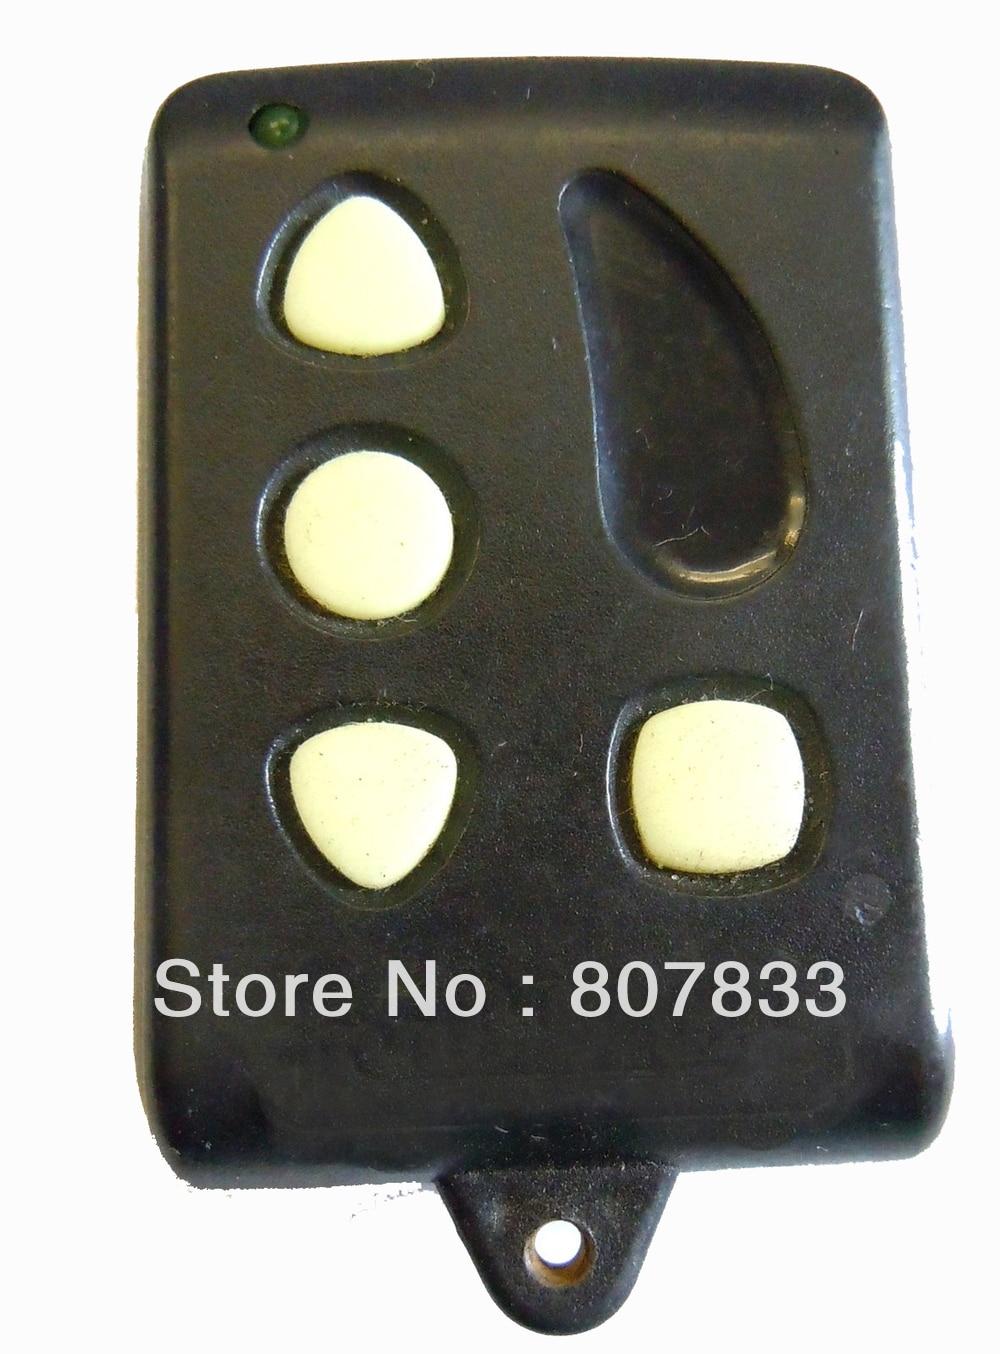 Adjustable Frequency REMOCON RMC555 Remote ,Remocon garage door remote ,Remocon transmitter,Remocon radio control